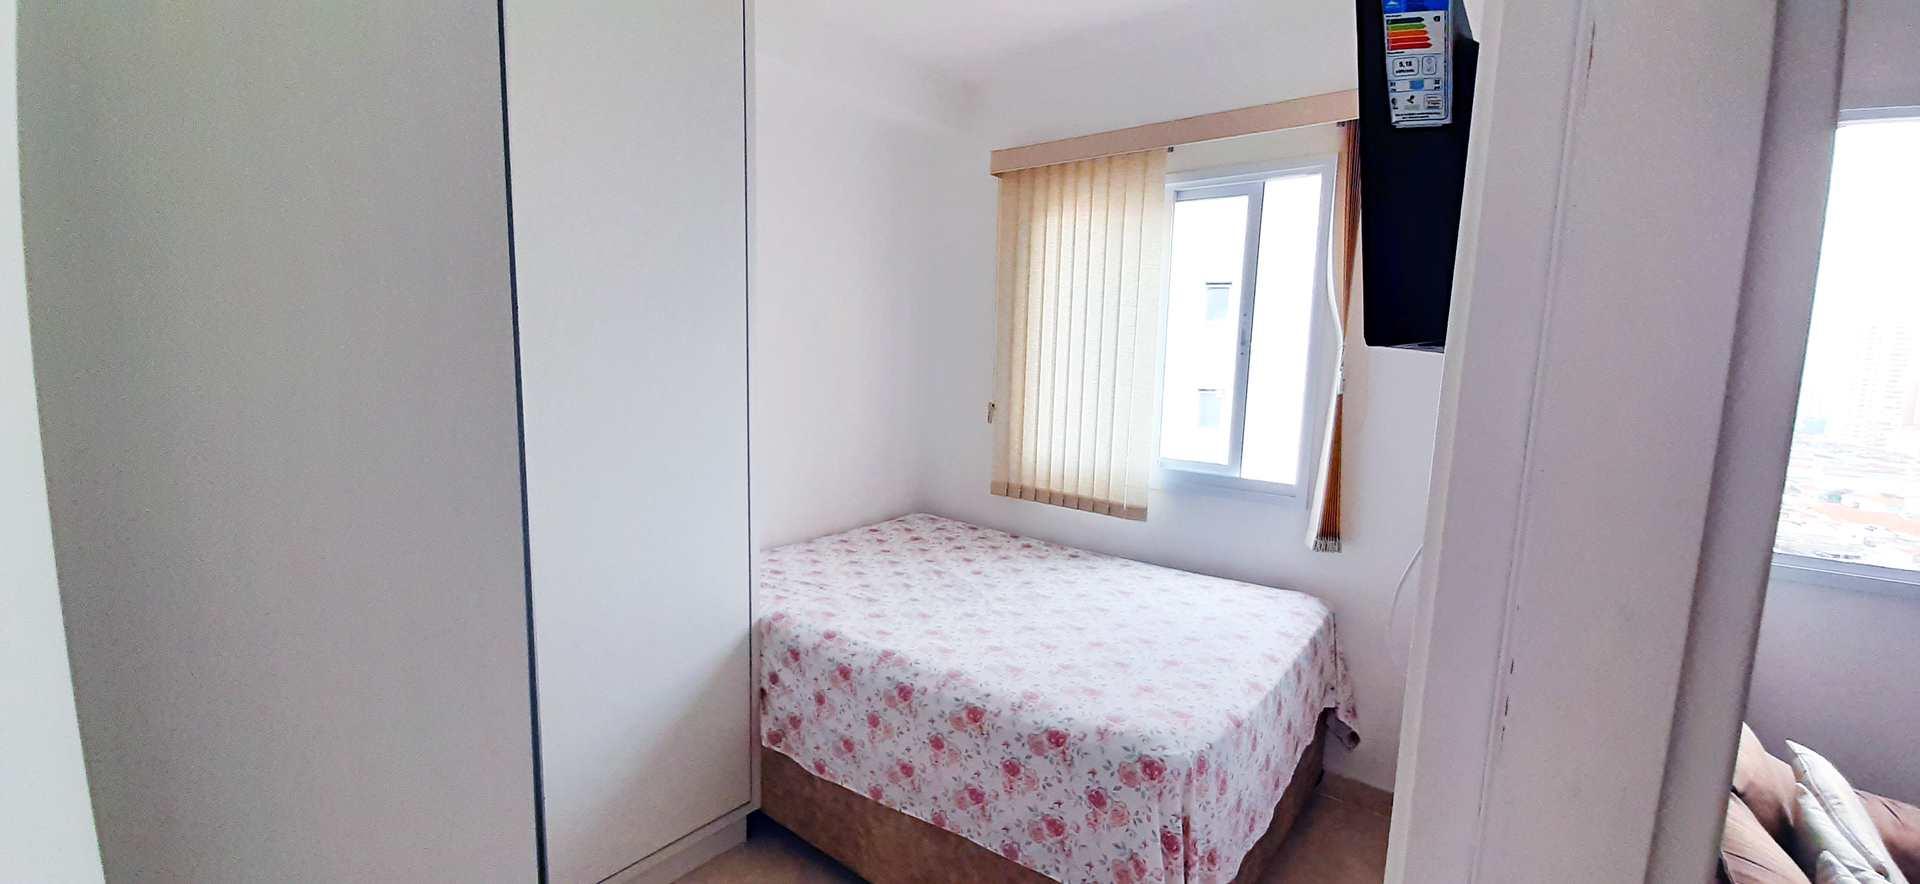 Quarto 1 - com armário planejado